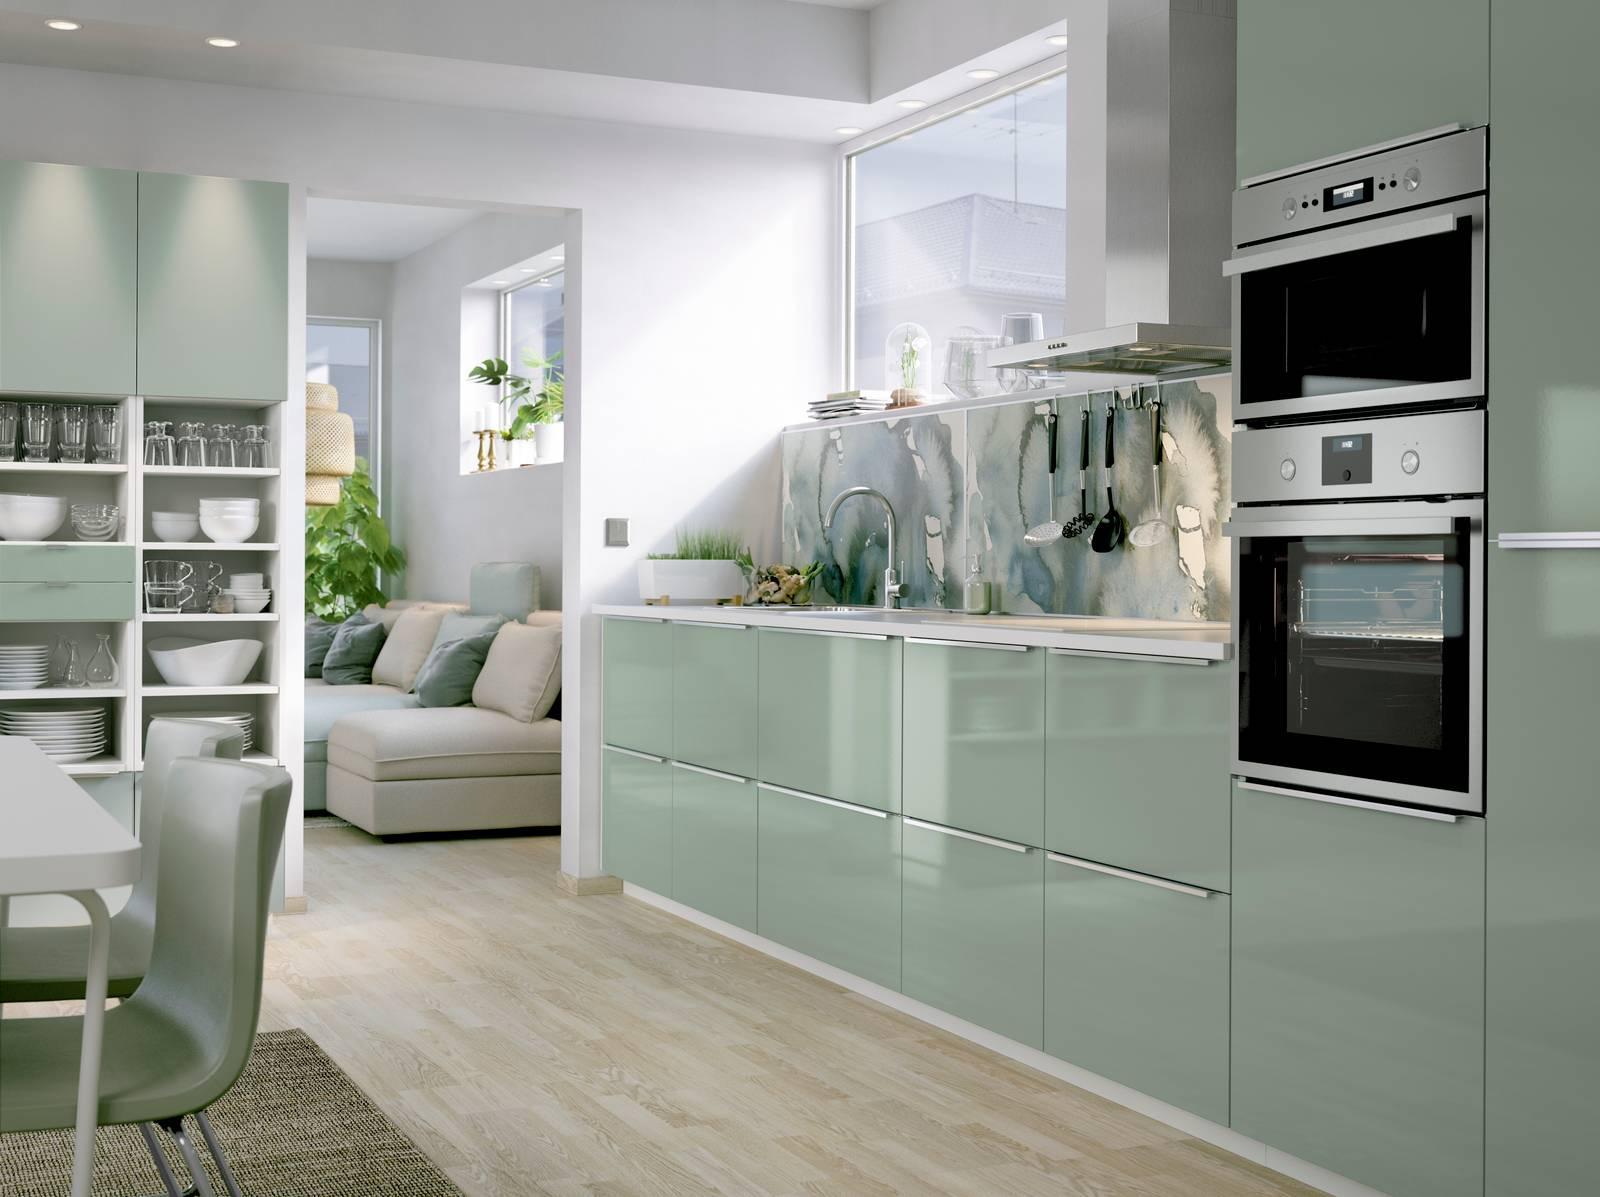 Cucina Bianca E Nera Ikea armadi cucina: 12 composizioni delle migliori marche - cose